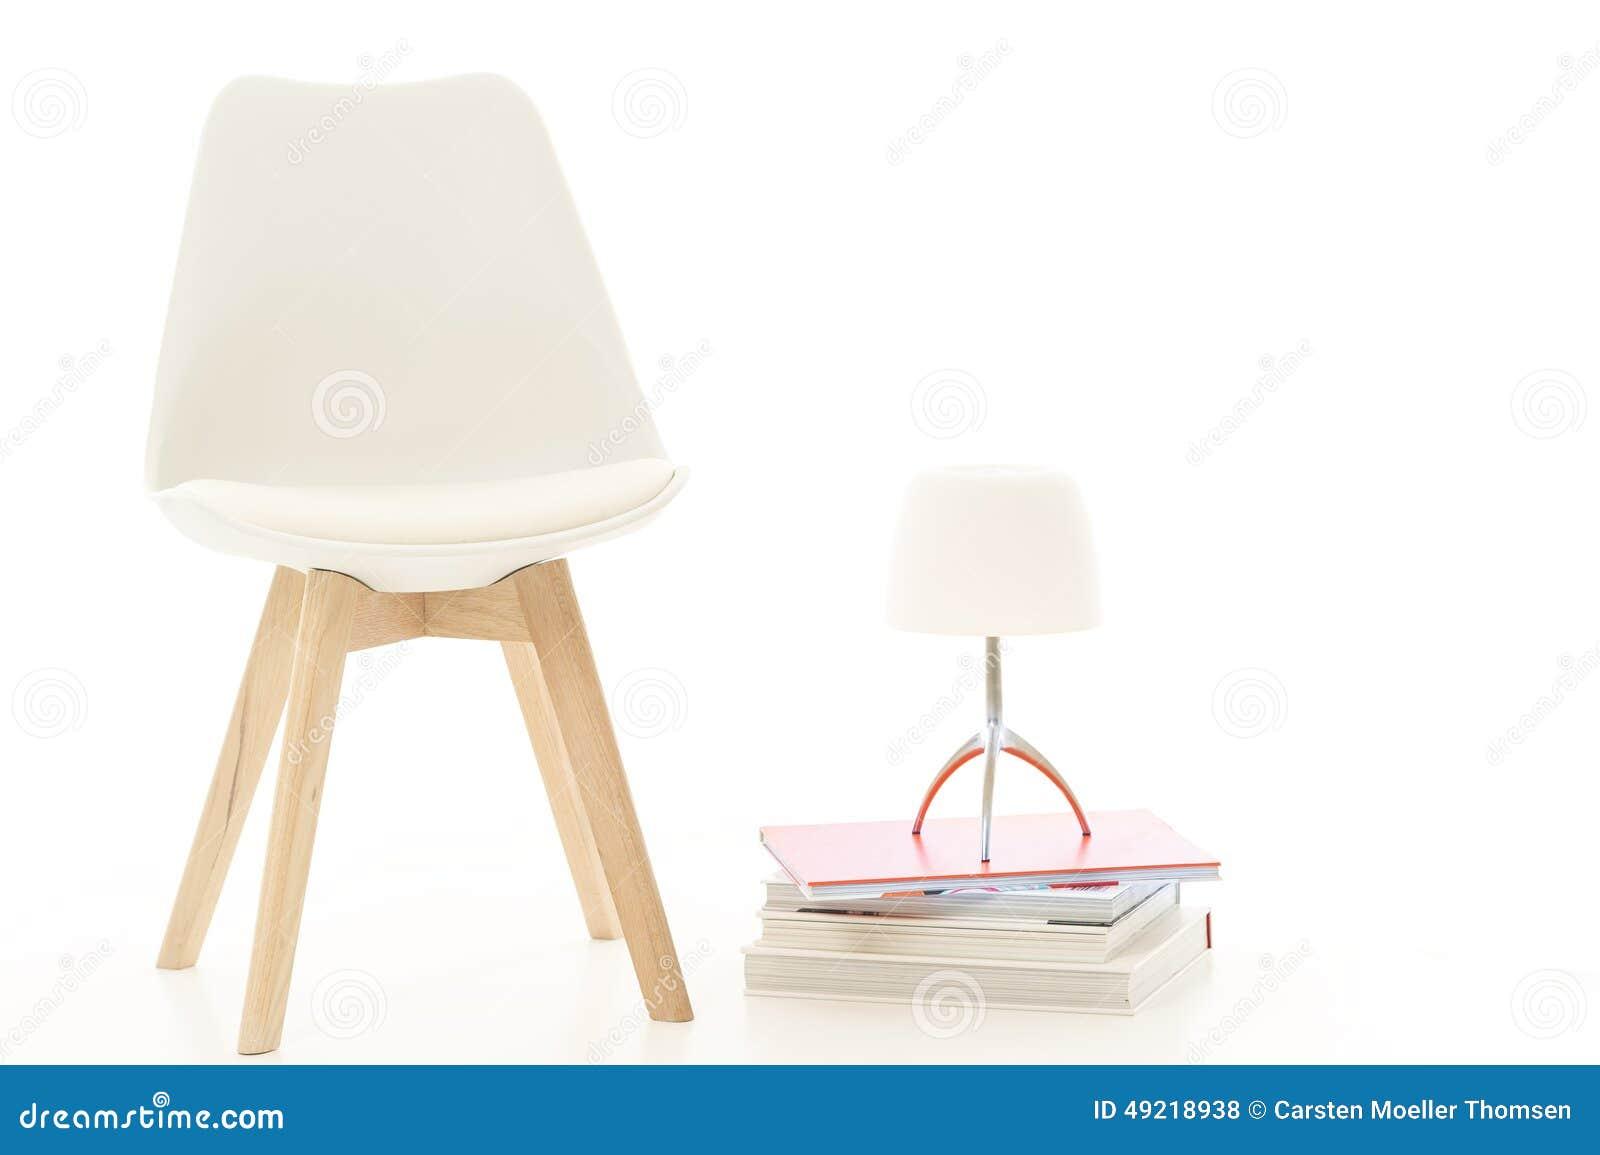 silla y lmpara blancas modernas en estudio foto de archivo